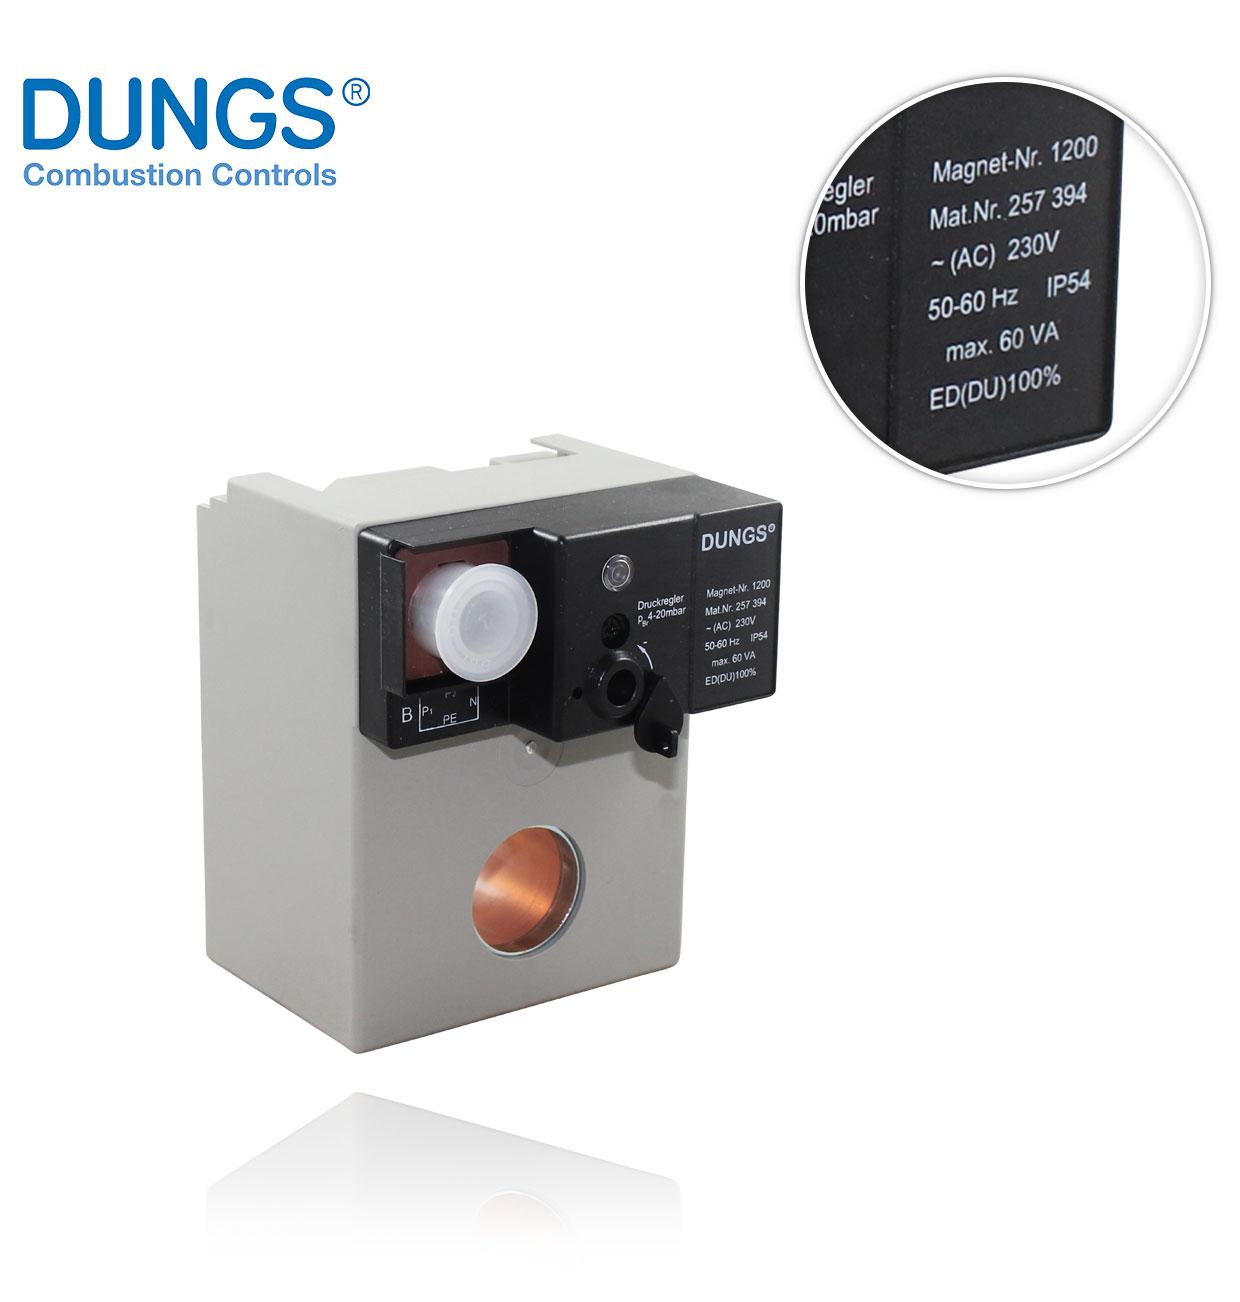 Електромагнітна котушка (Magnet Nr.) DUNGS для мультиблока №1200 - Фото №1